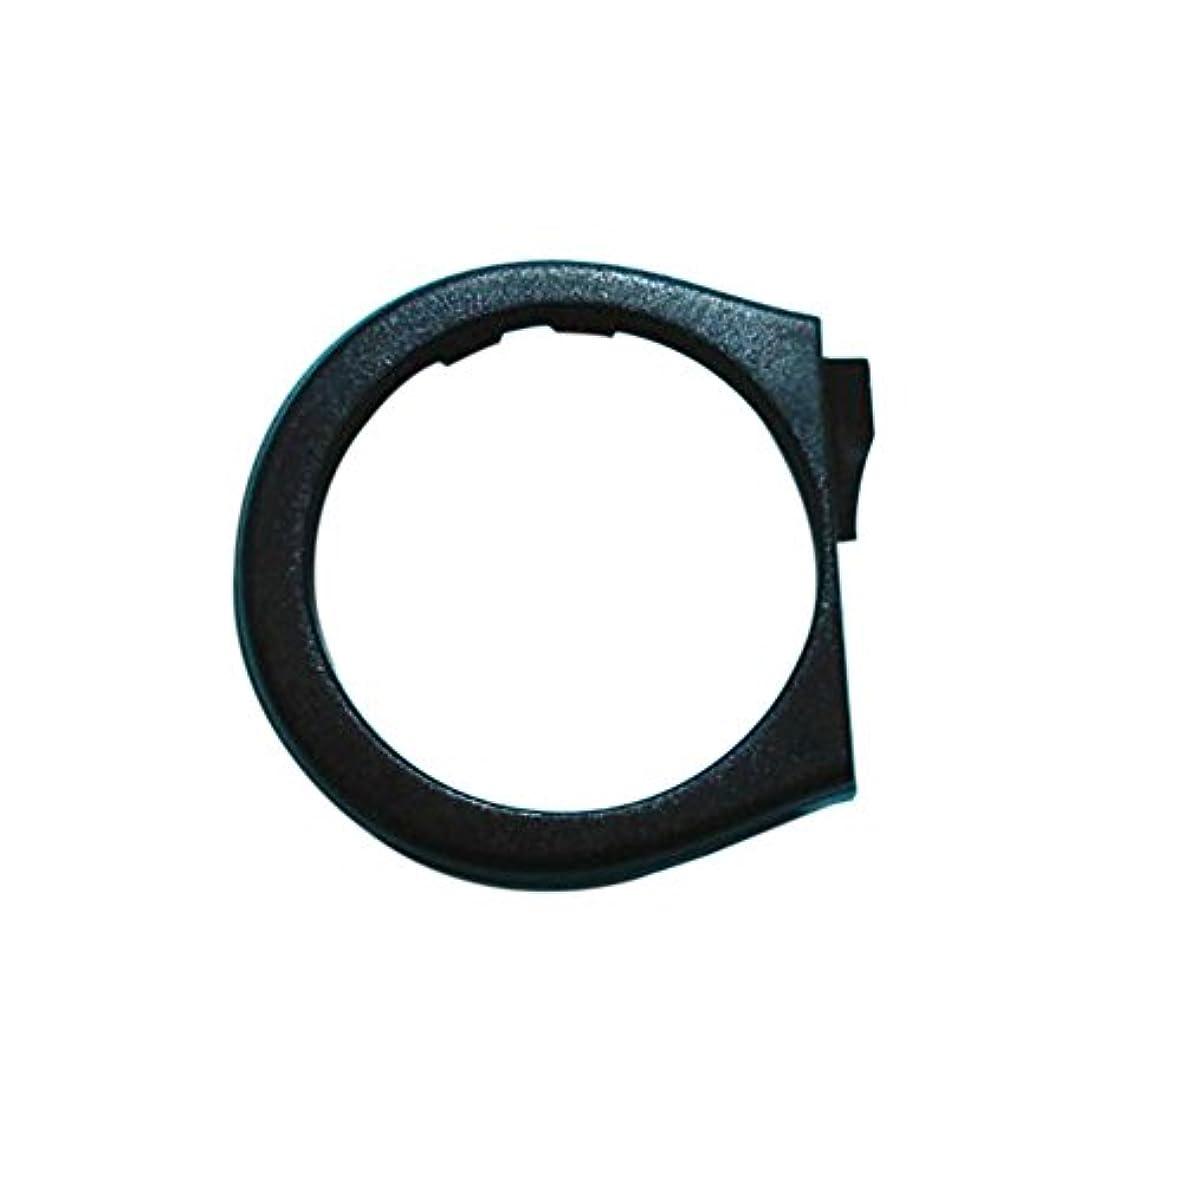 再開支払う遠えHZjundasi Replacement シェーバー剃刀ヘッドアクセサリー Ring for Philips HQ912/914/915/916